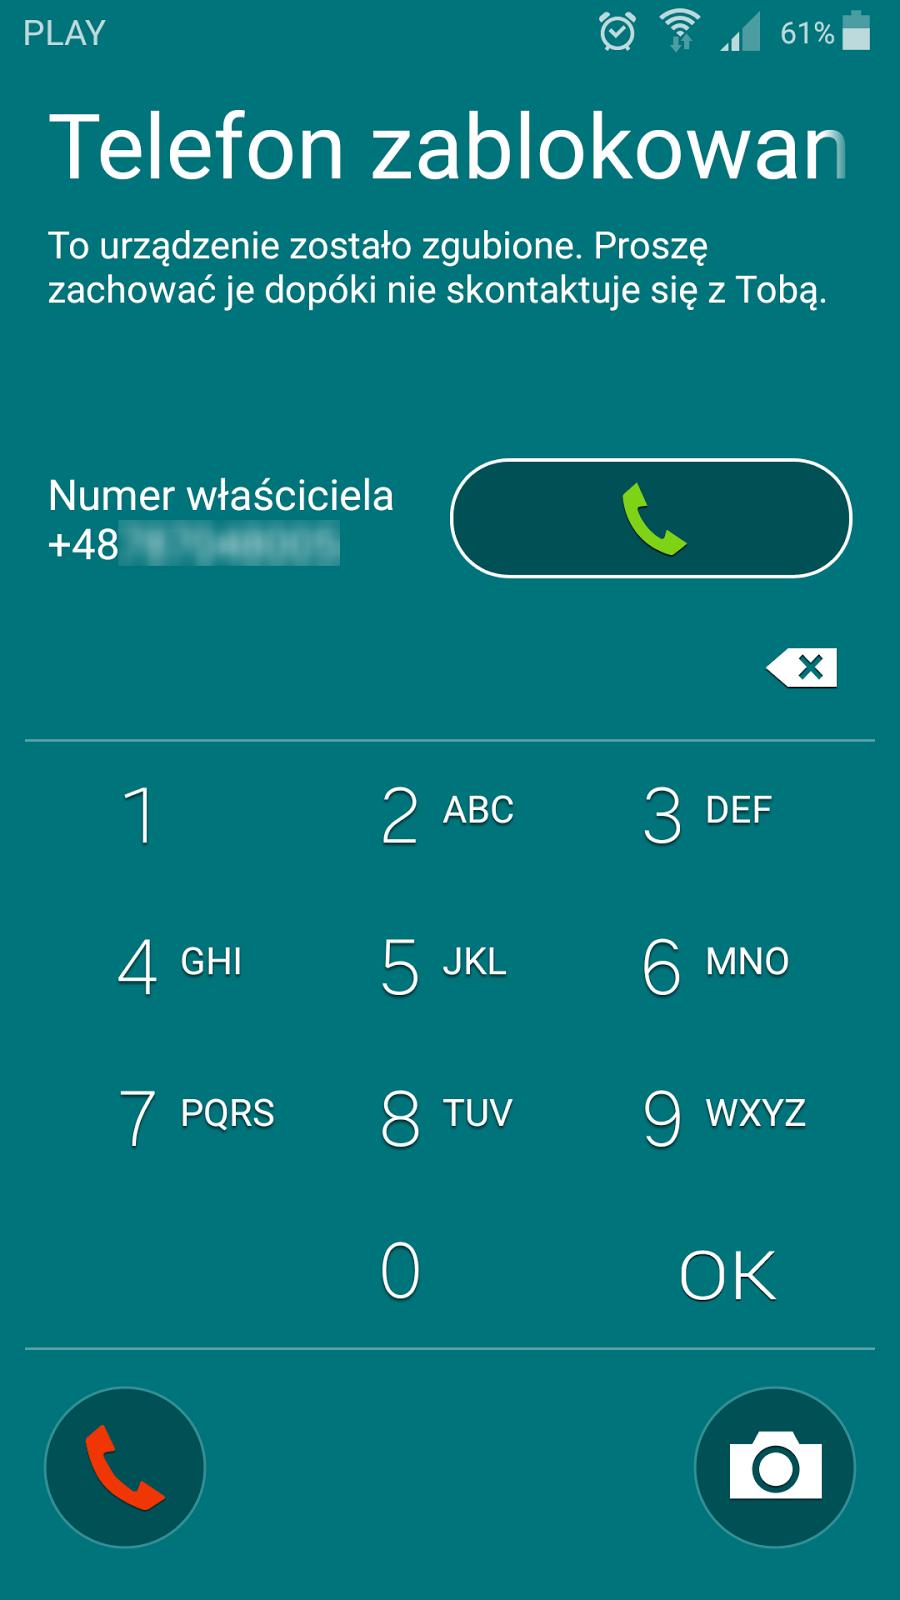 Zablokowany ekran telefonu